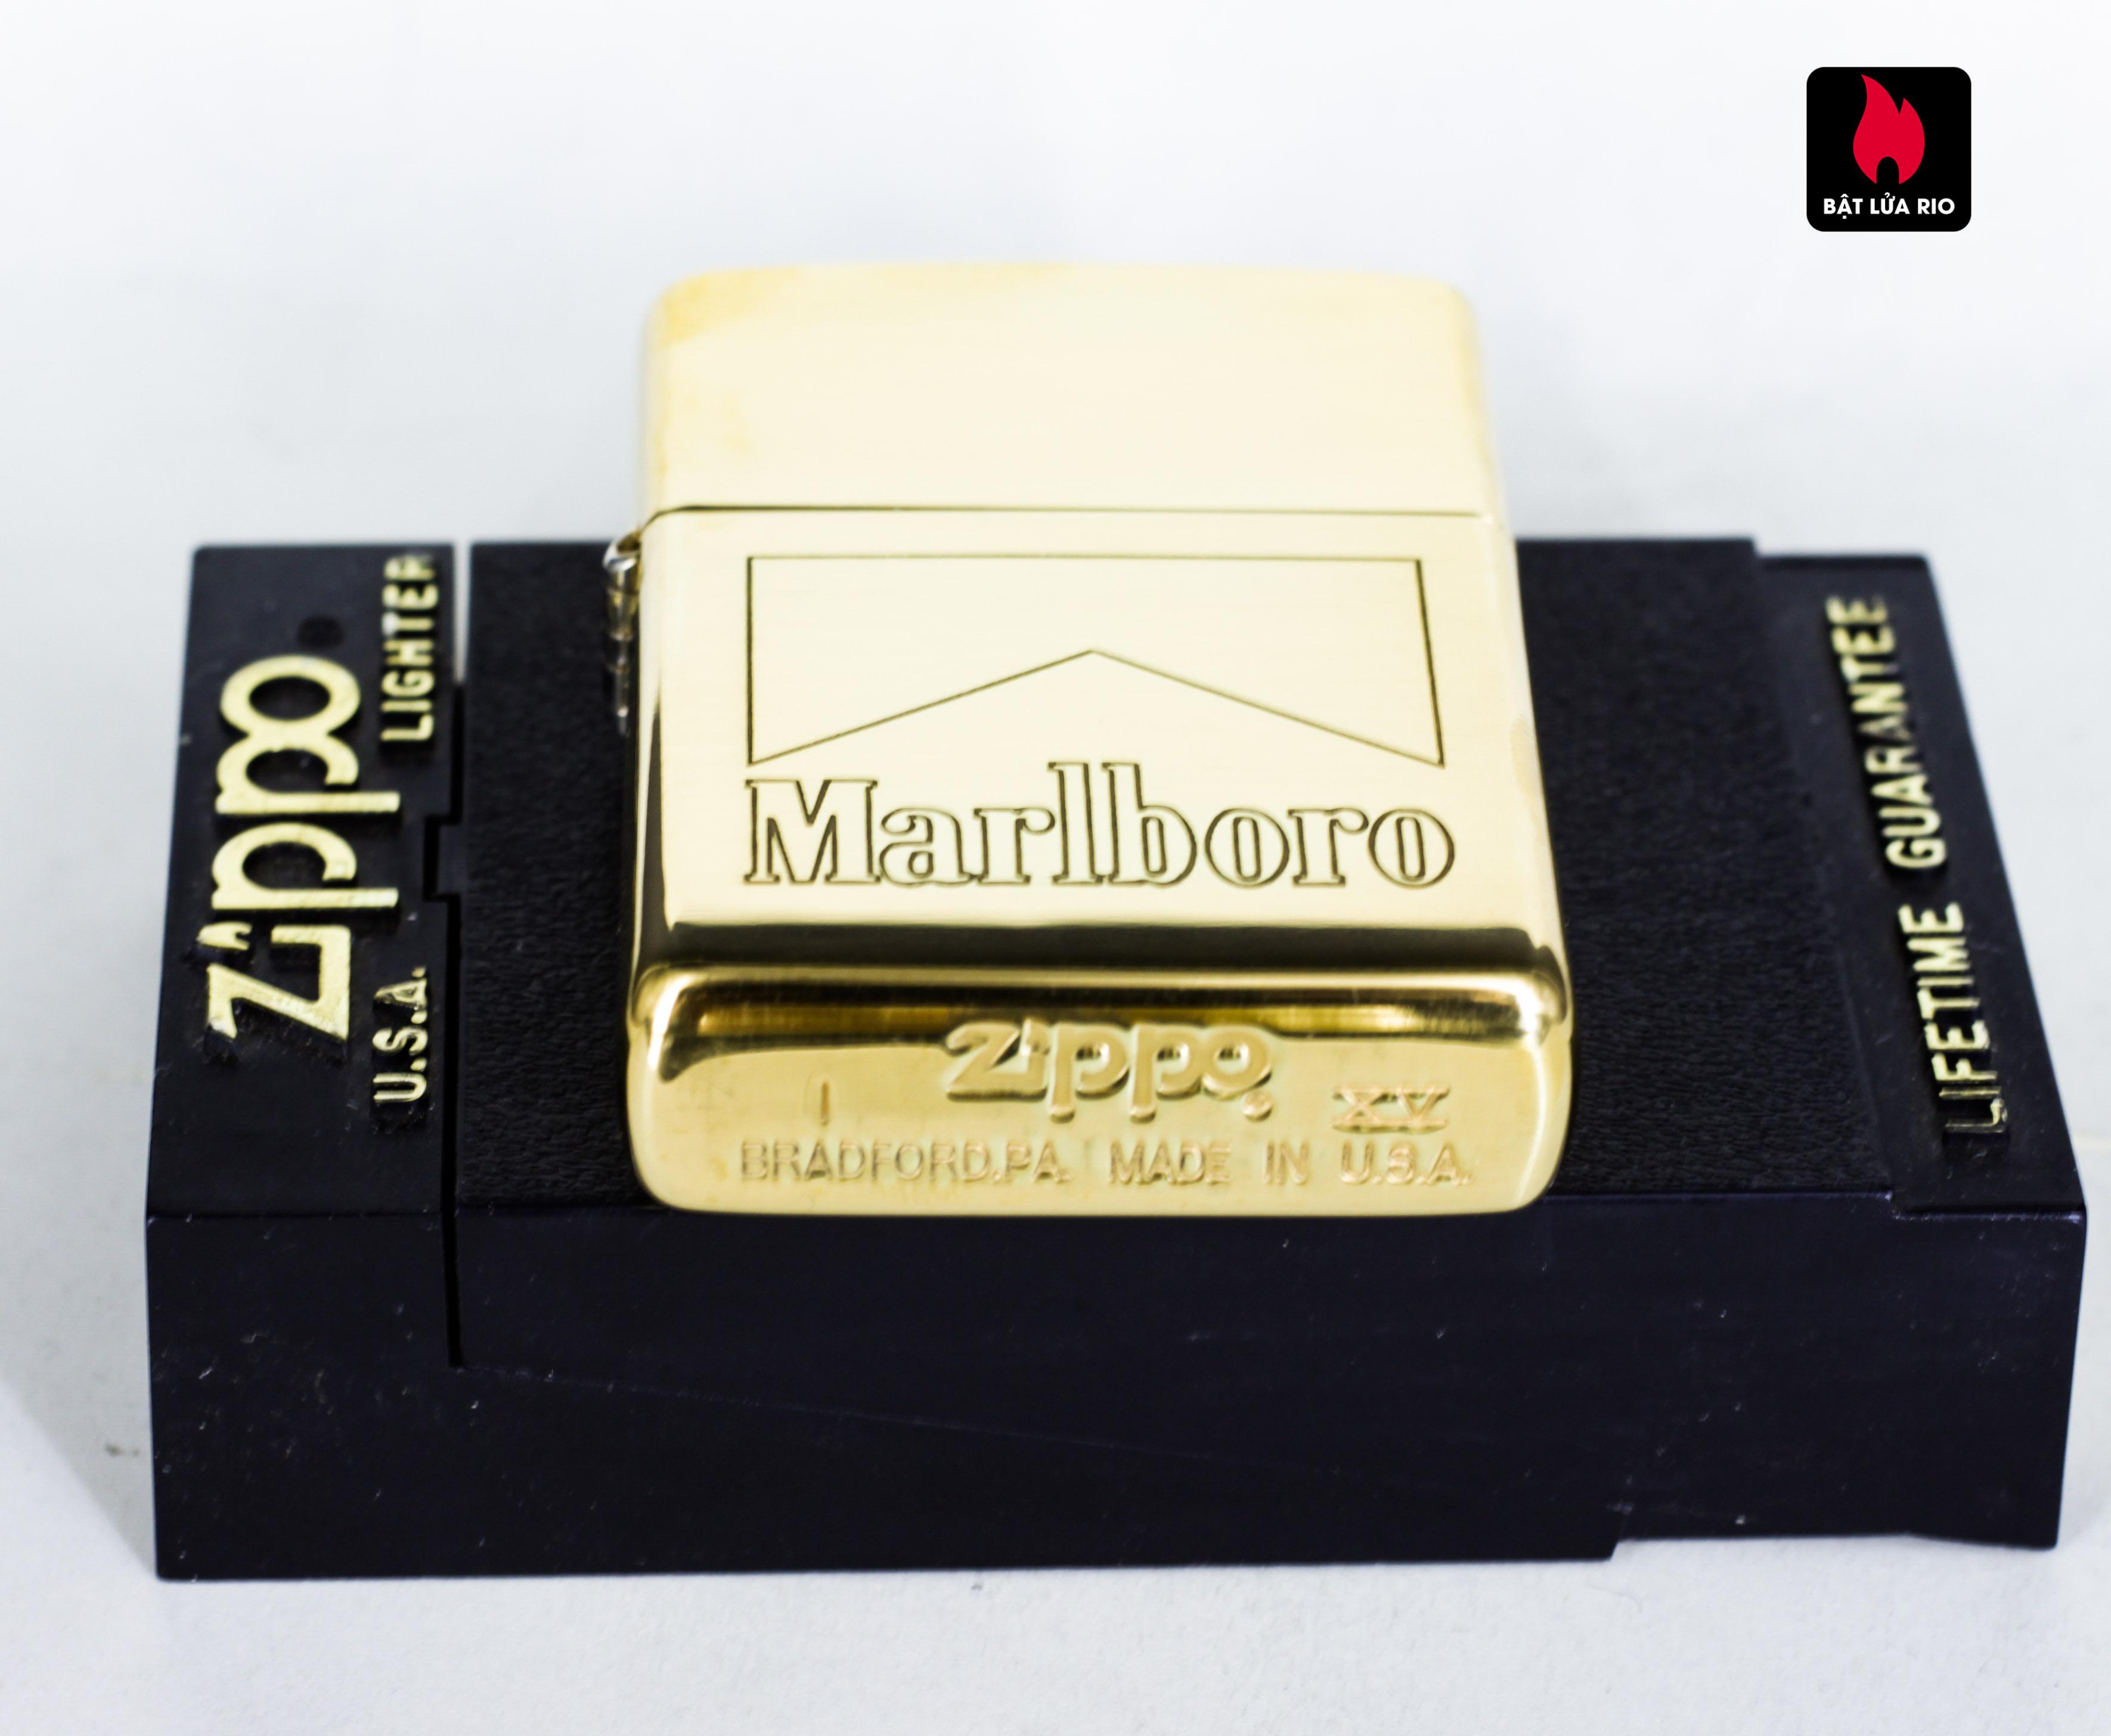 ZIPPO LA MÃ 1999 – MARLBORO – ĐỒNG NGUYÊN KHỐI - HIGH POLISH BRASS